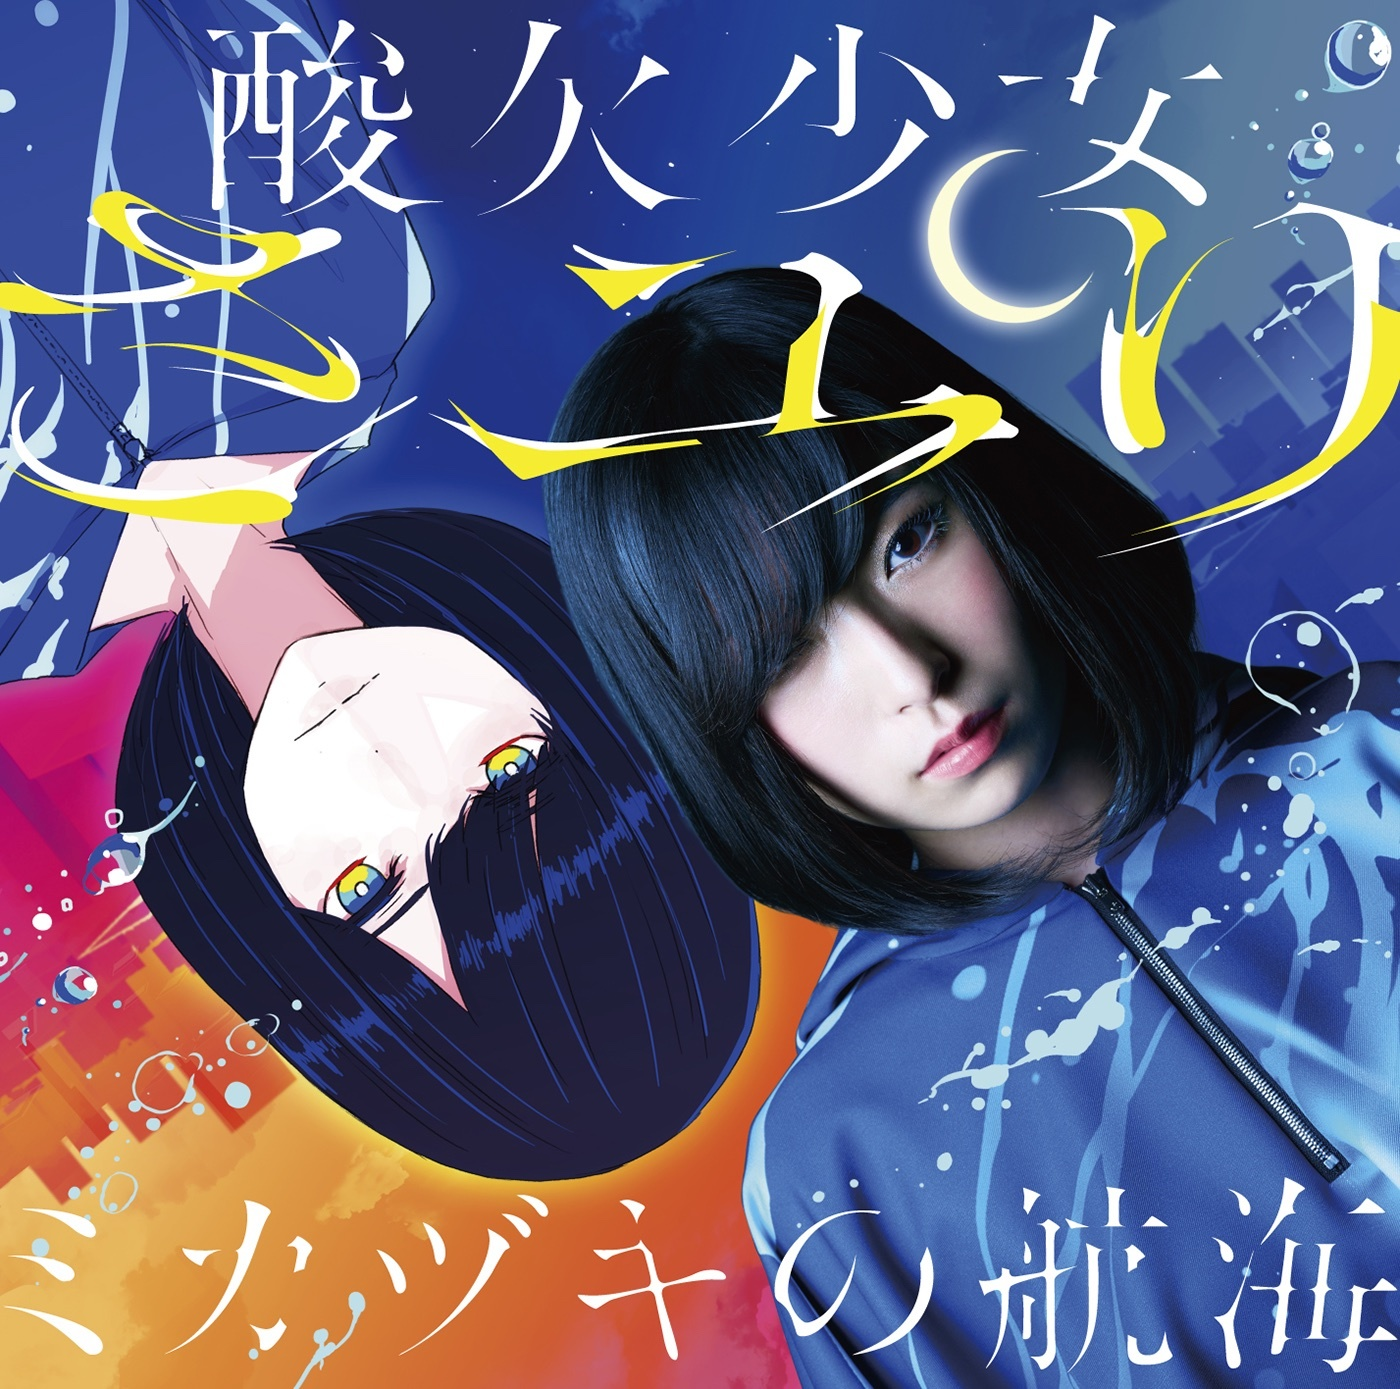 さユり 1stアルバム『ミカヅキの航海』通常盤